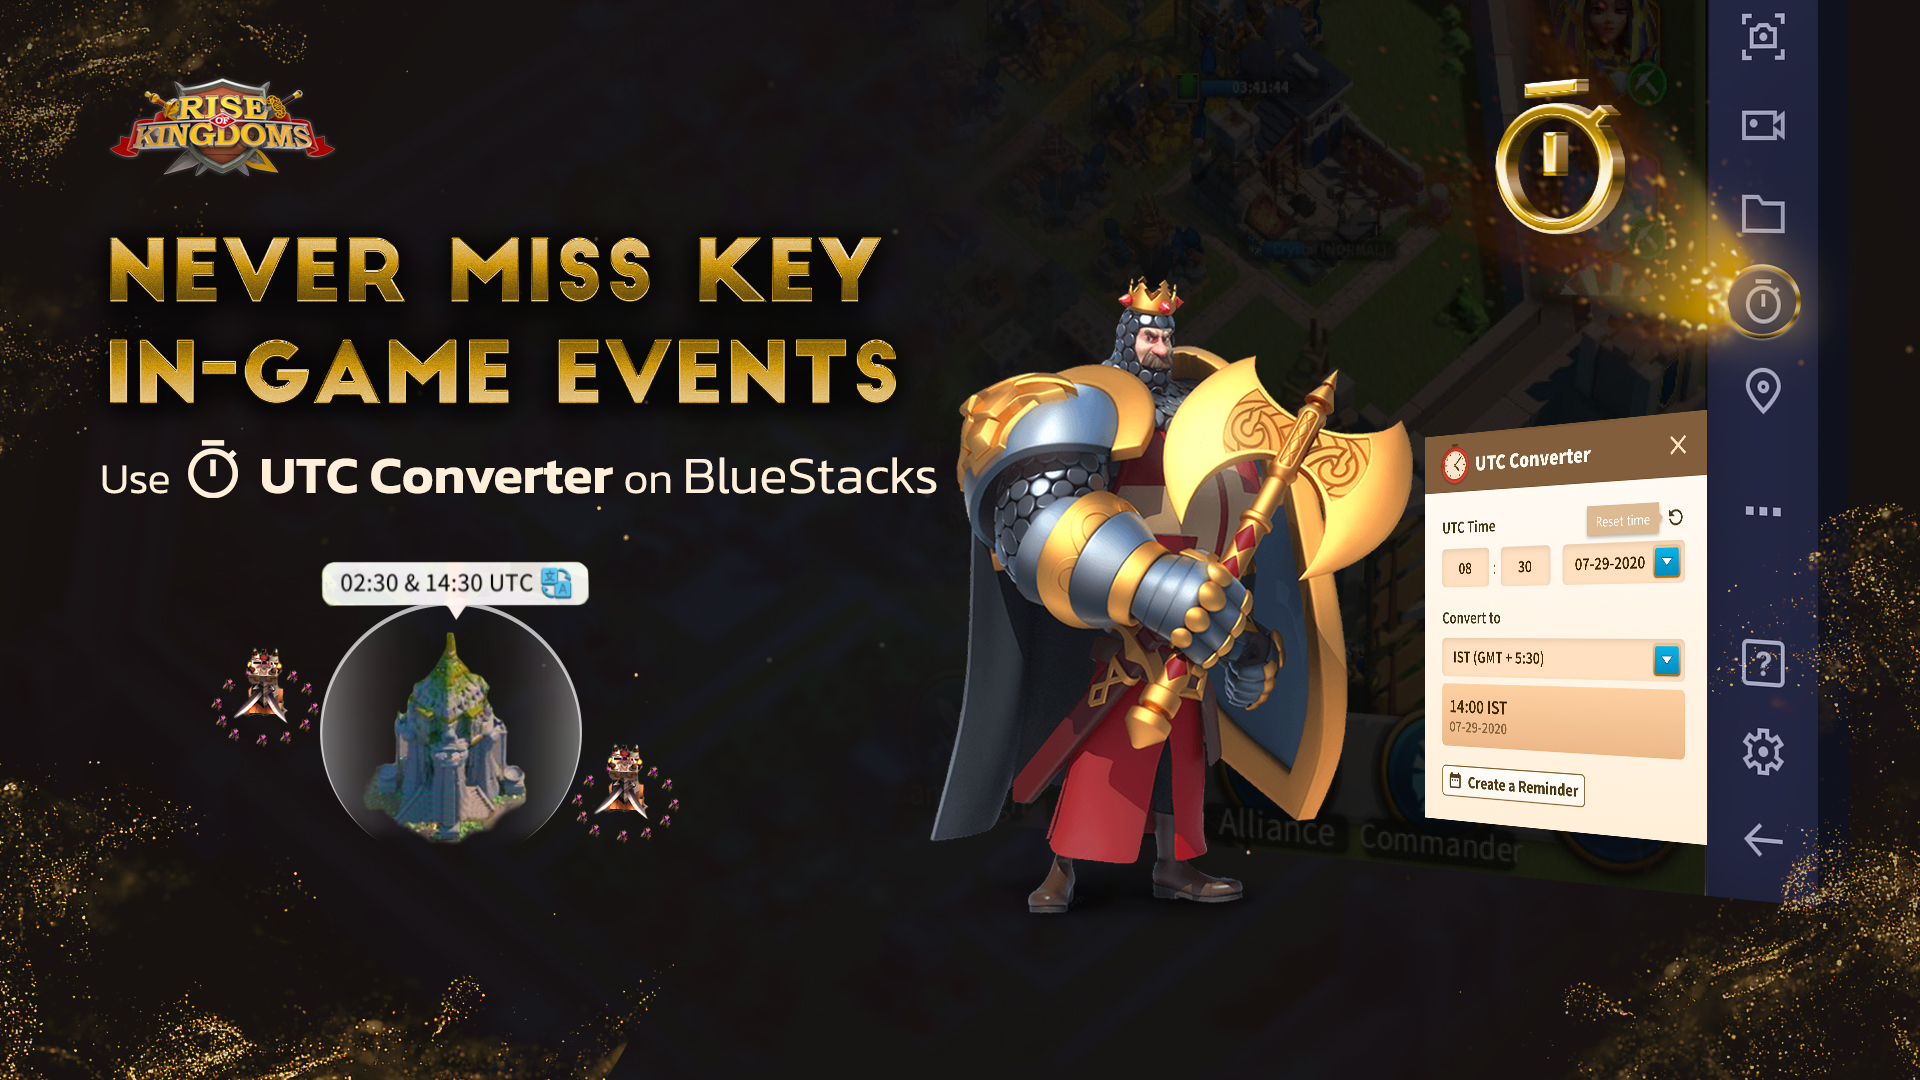 Memperkenalkan BlueStacks UTC Converter: Ubah Even dalam Gim dari UTC ke Zona Waktu Anda